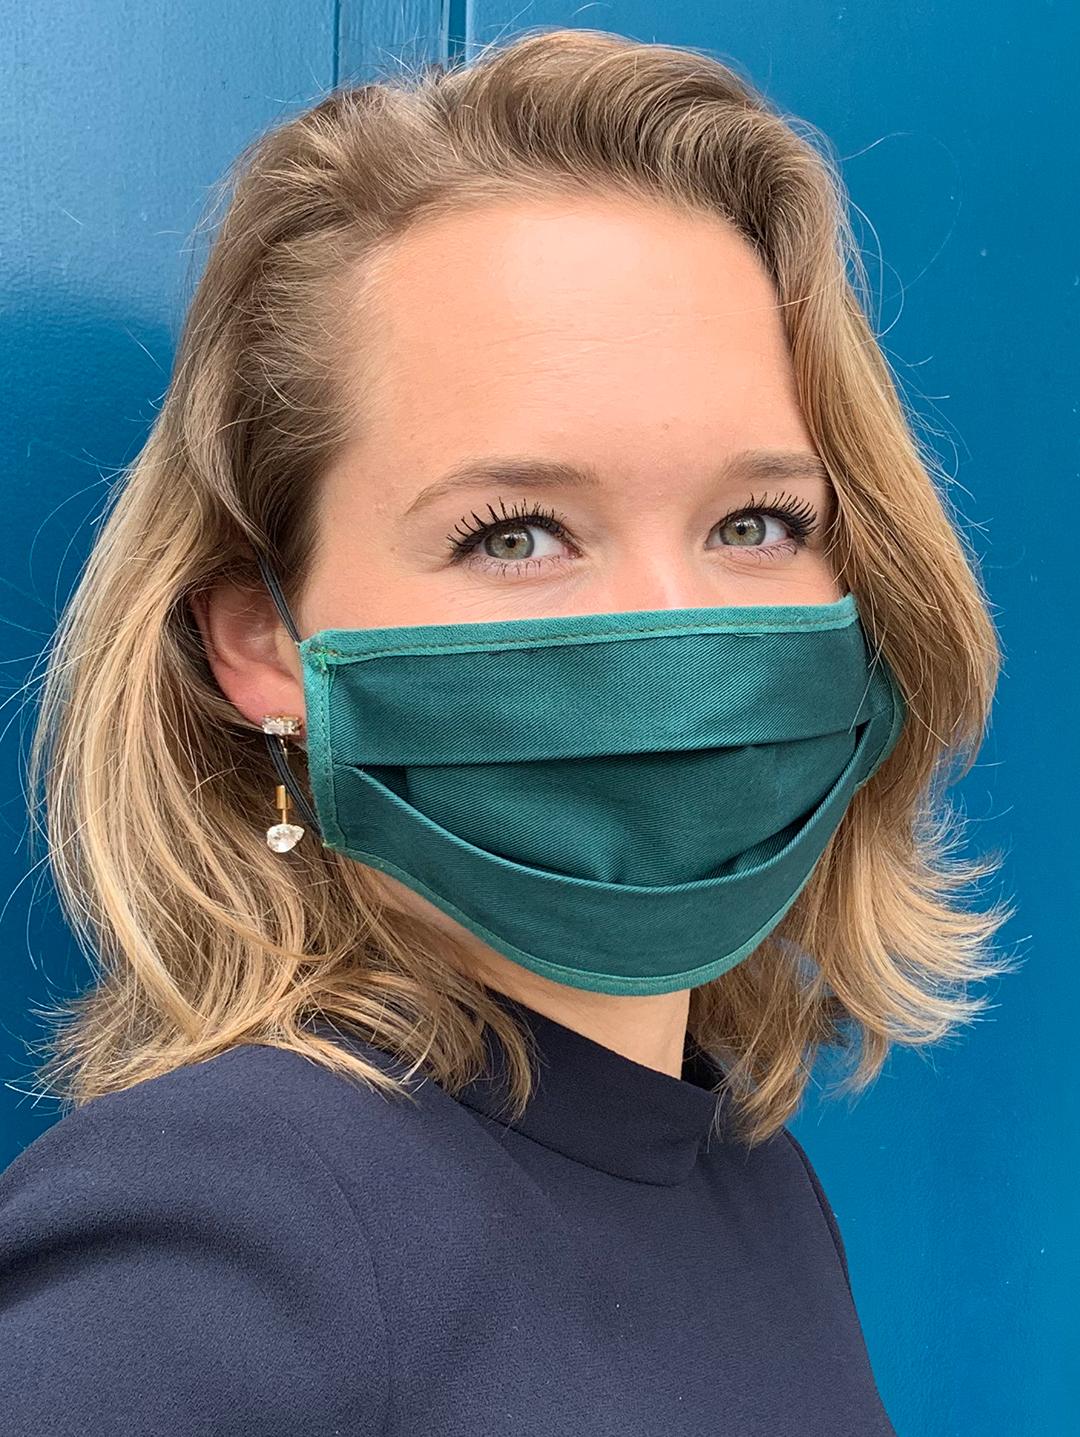 Masque de Protection Recto Vert Emeraude Femme